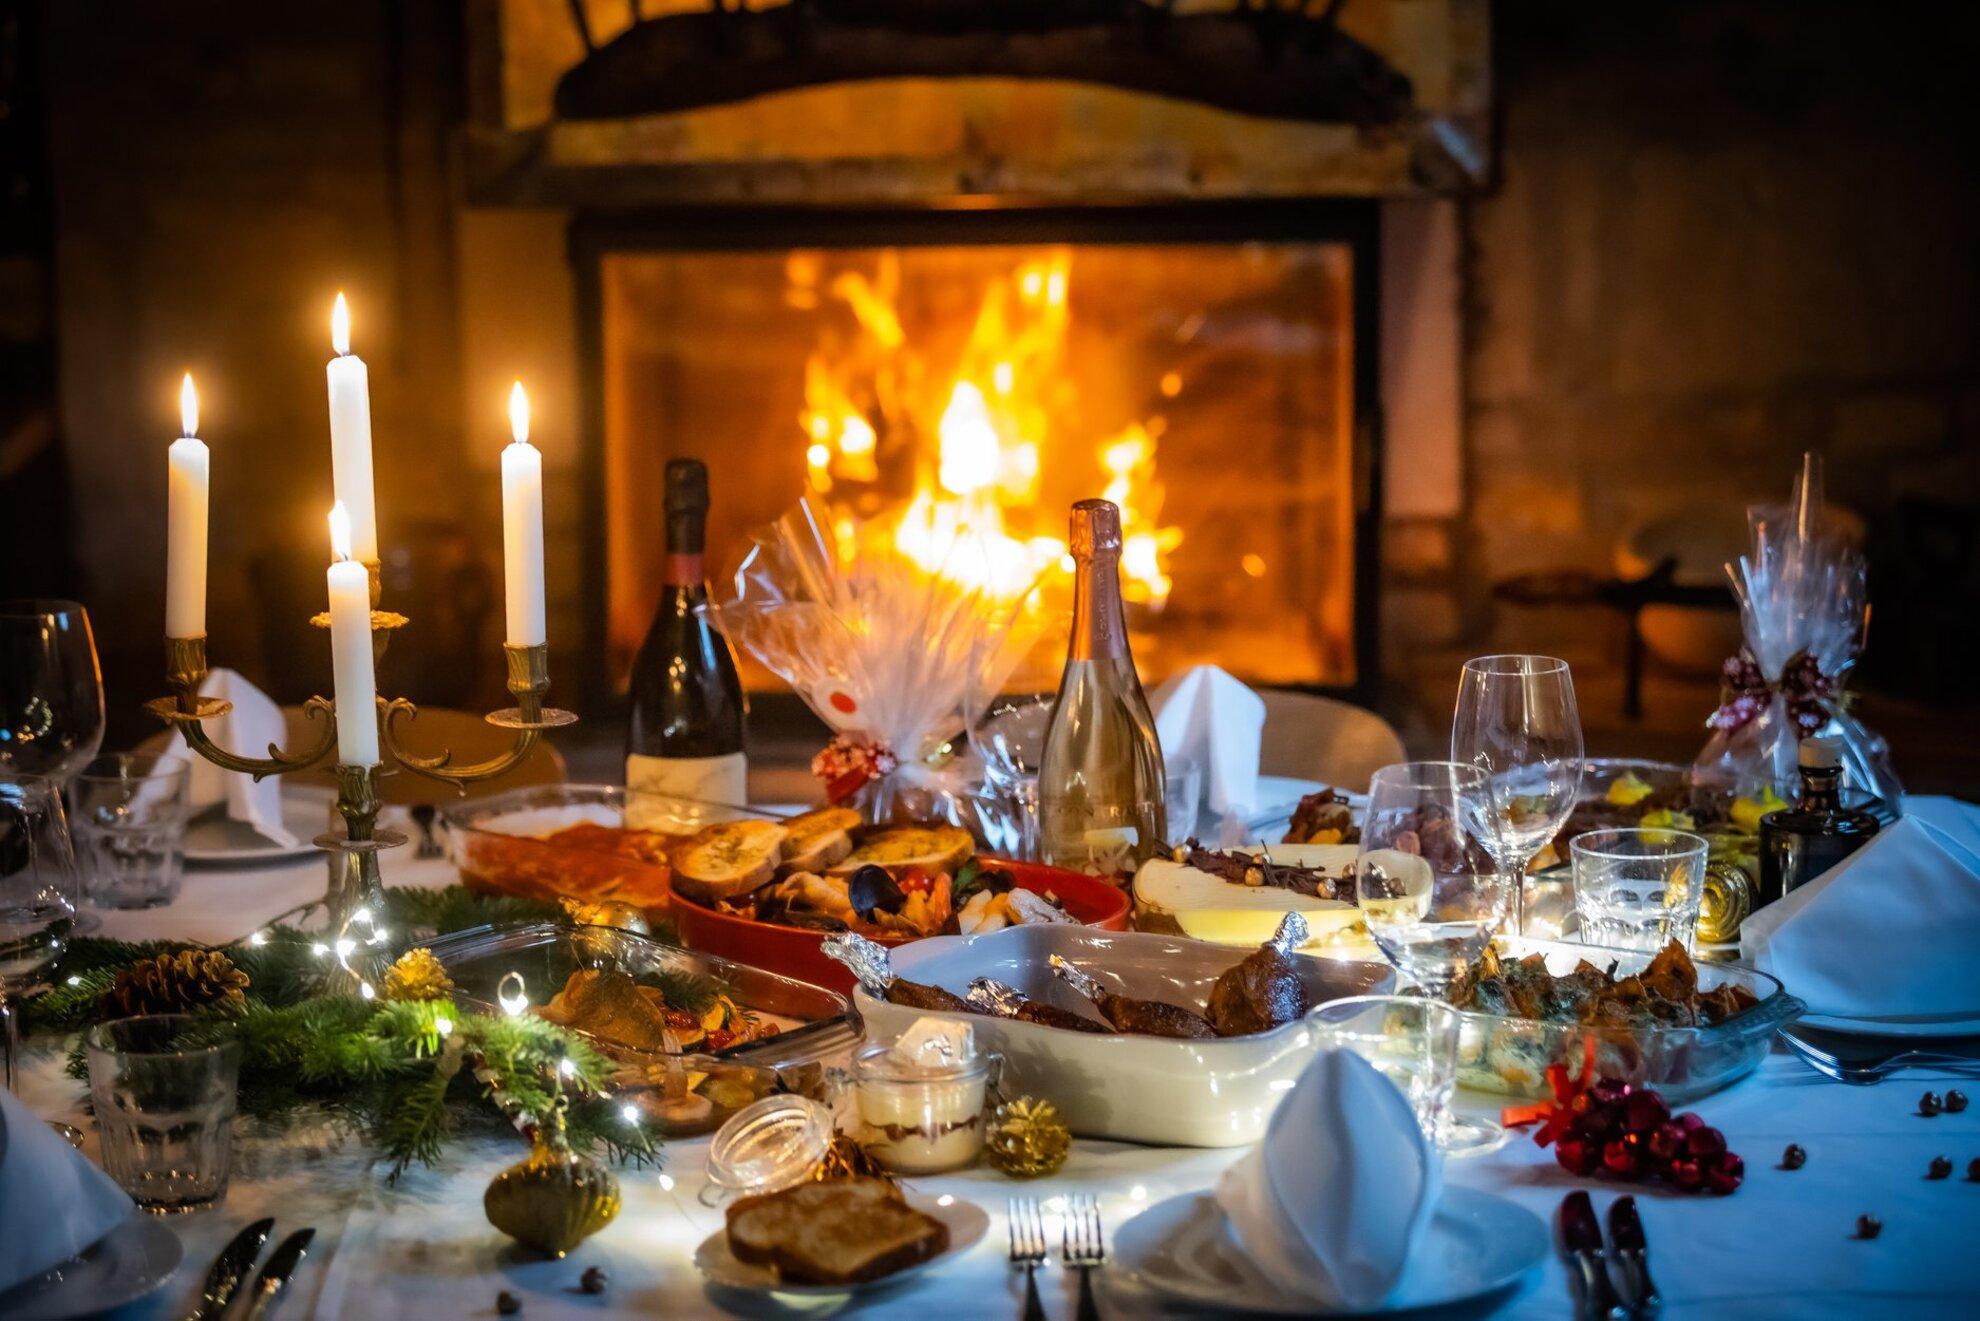 Rendeld házhoz a karácsonyt! – Hagyományos és újító karácsonyi menük az ünnepre